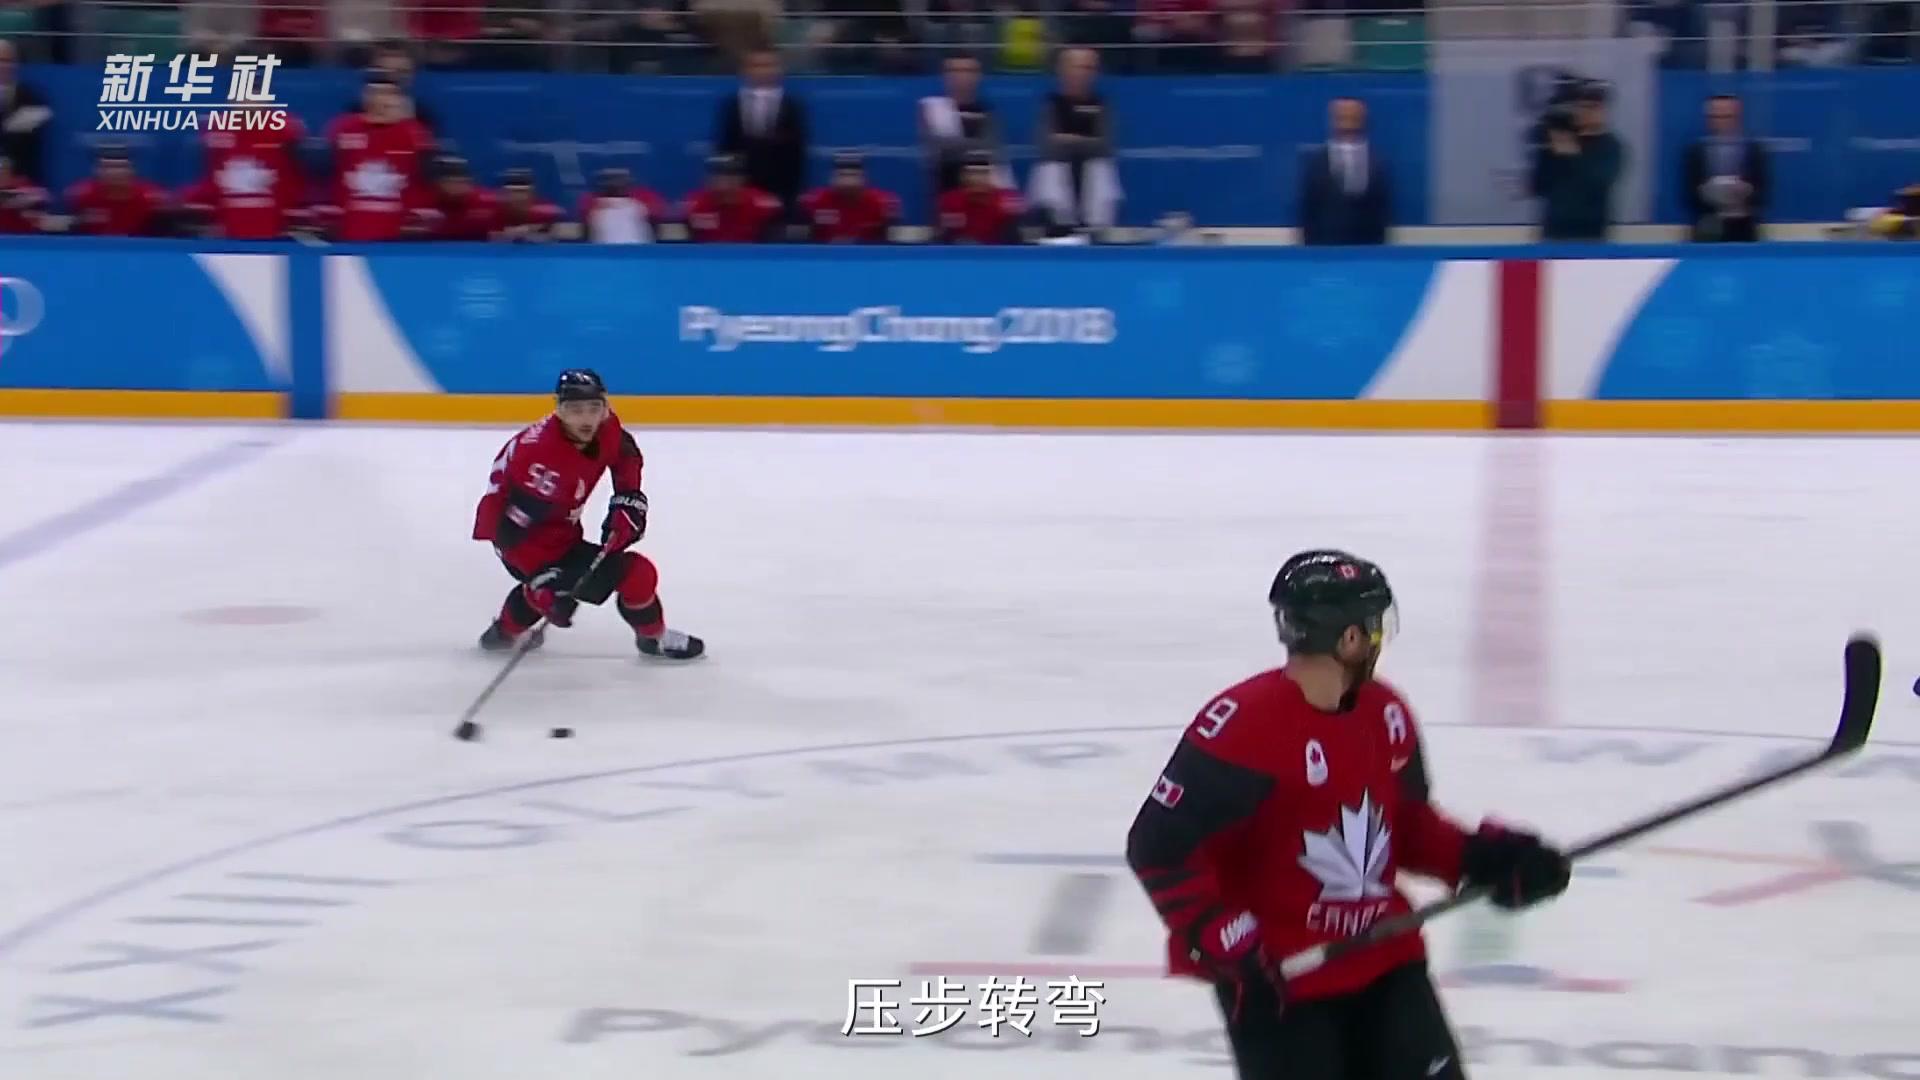 冬奥知识|第四集:冰球